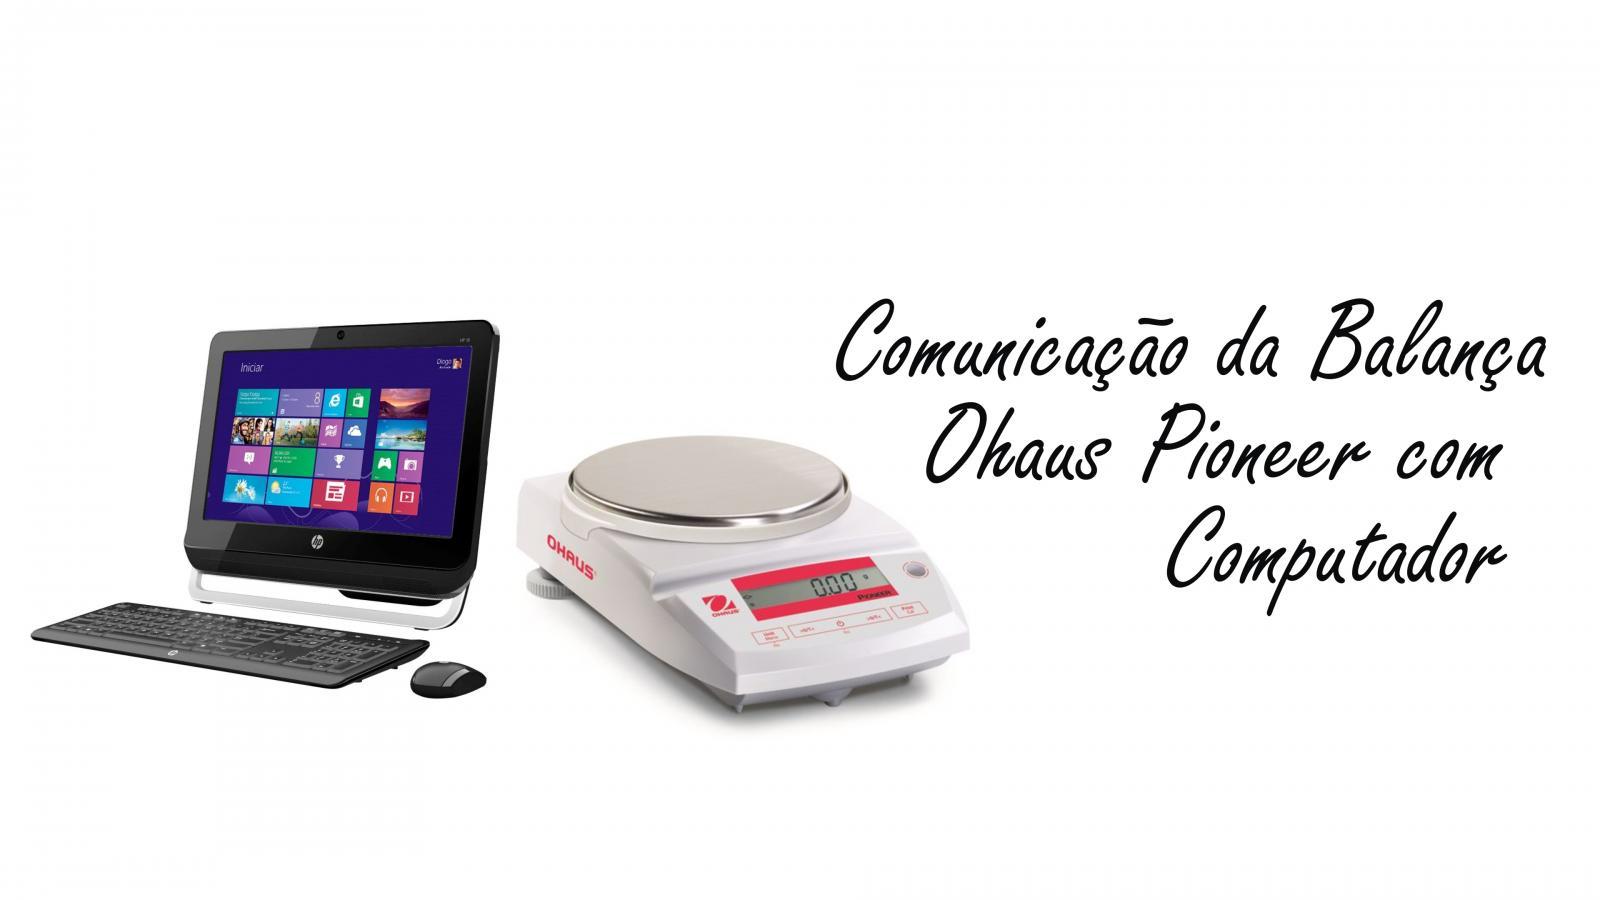 Comunicação da Balança Ohaus Pioneer Com Computador